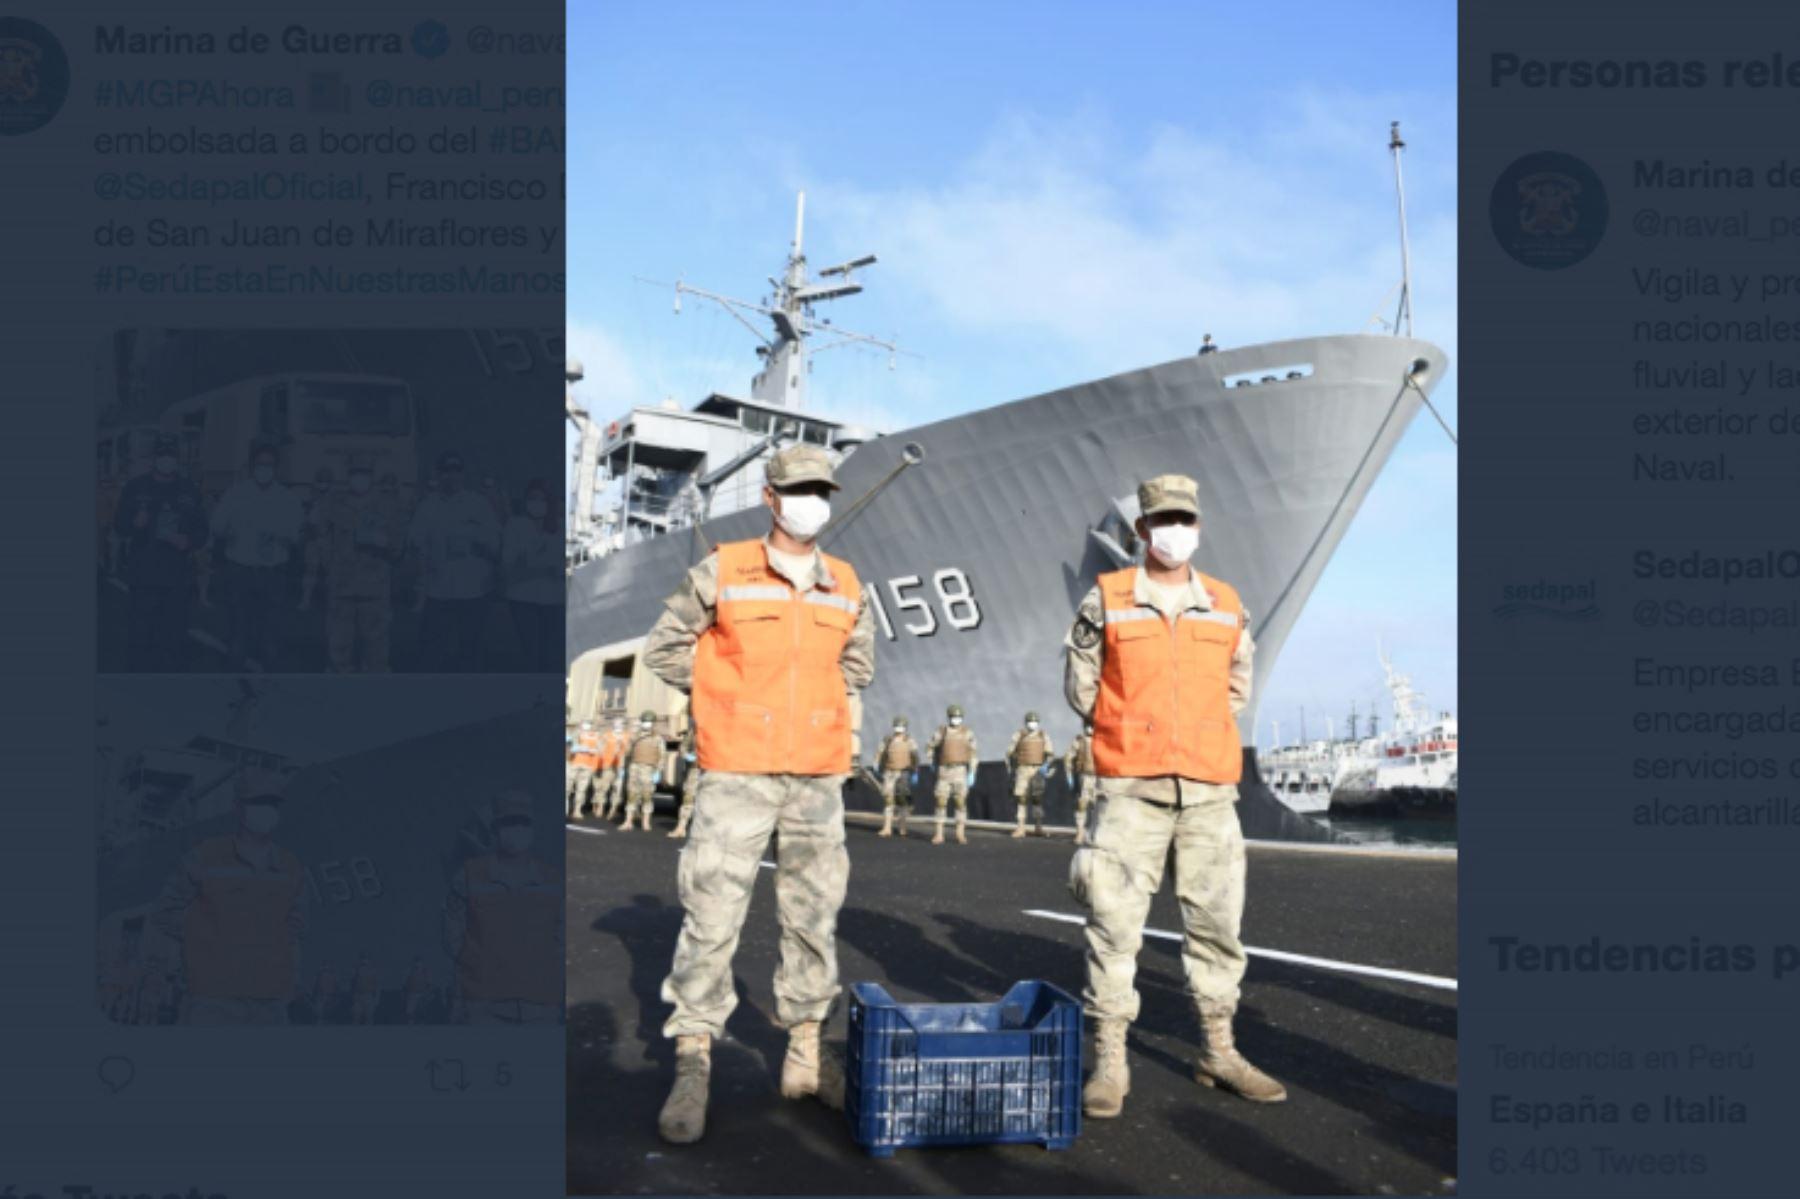 Marina de Guerra entregó agua procesada y embolsada a bordo del BAP Tacna, al Presidente del Directorio de Sedapal, para ser distribuidos en los distritos de San Juan de Miraflores y Puente Piedra.Foto: ANDINA/Mindef